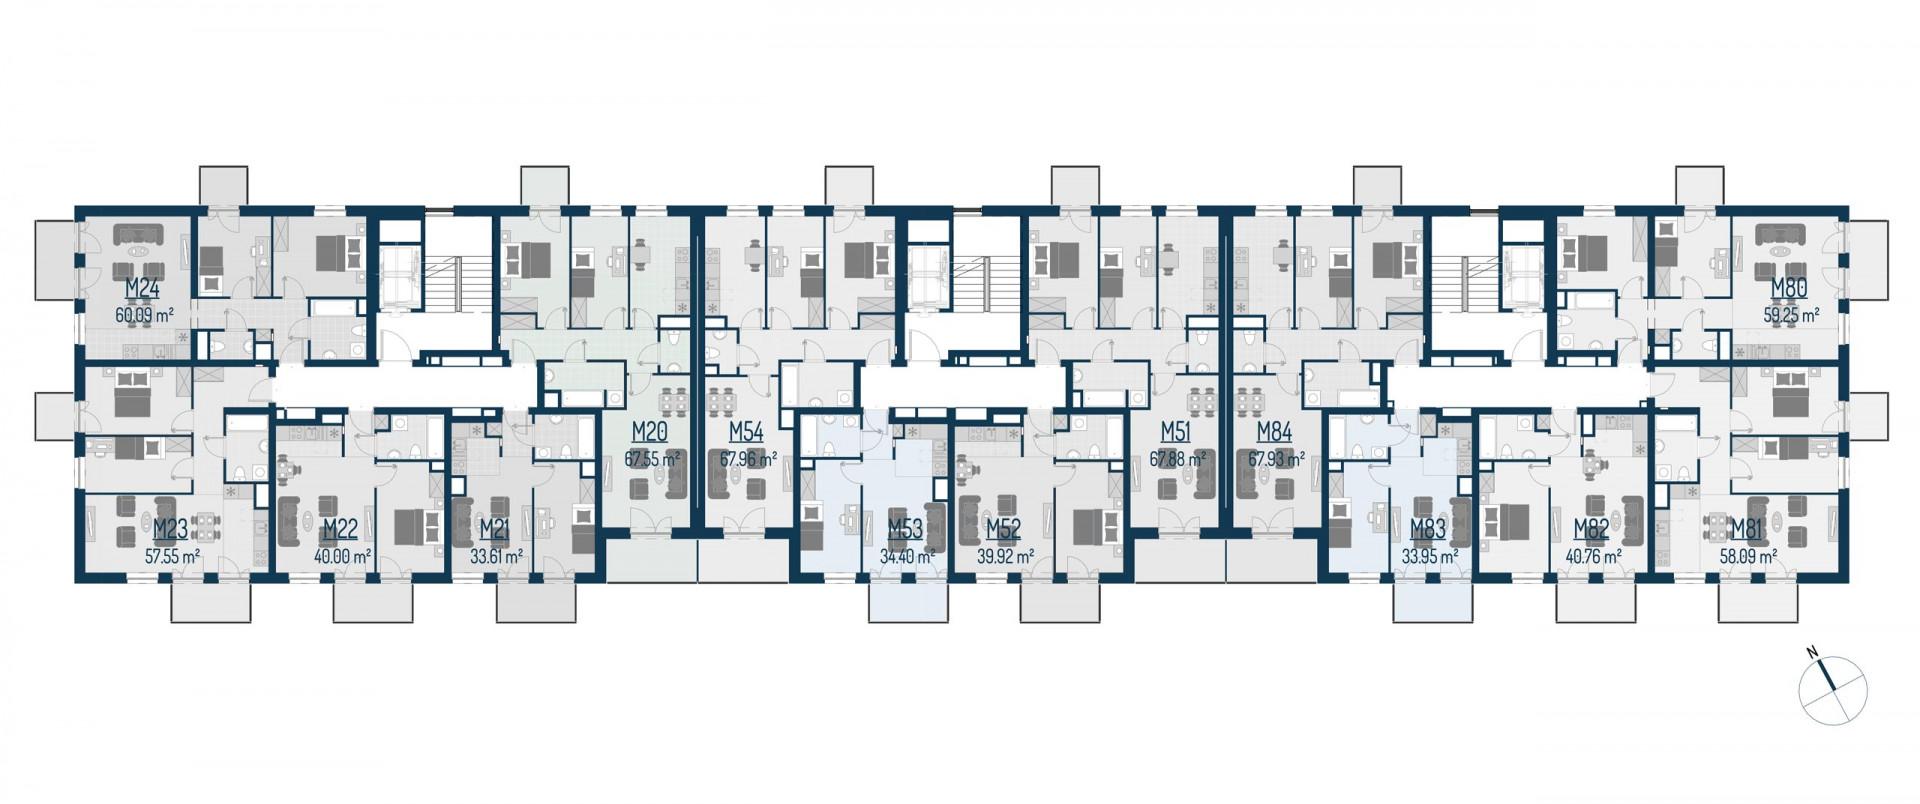 Zdrowe Stylove / budynek 1 / mieszkanie nr M23 rzut 2